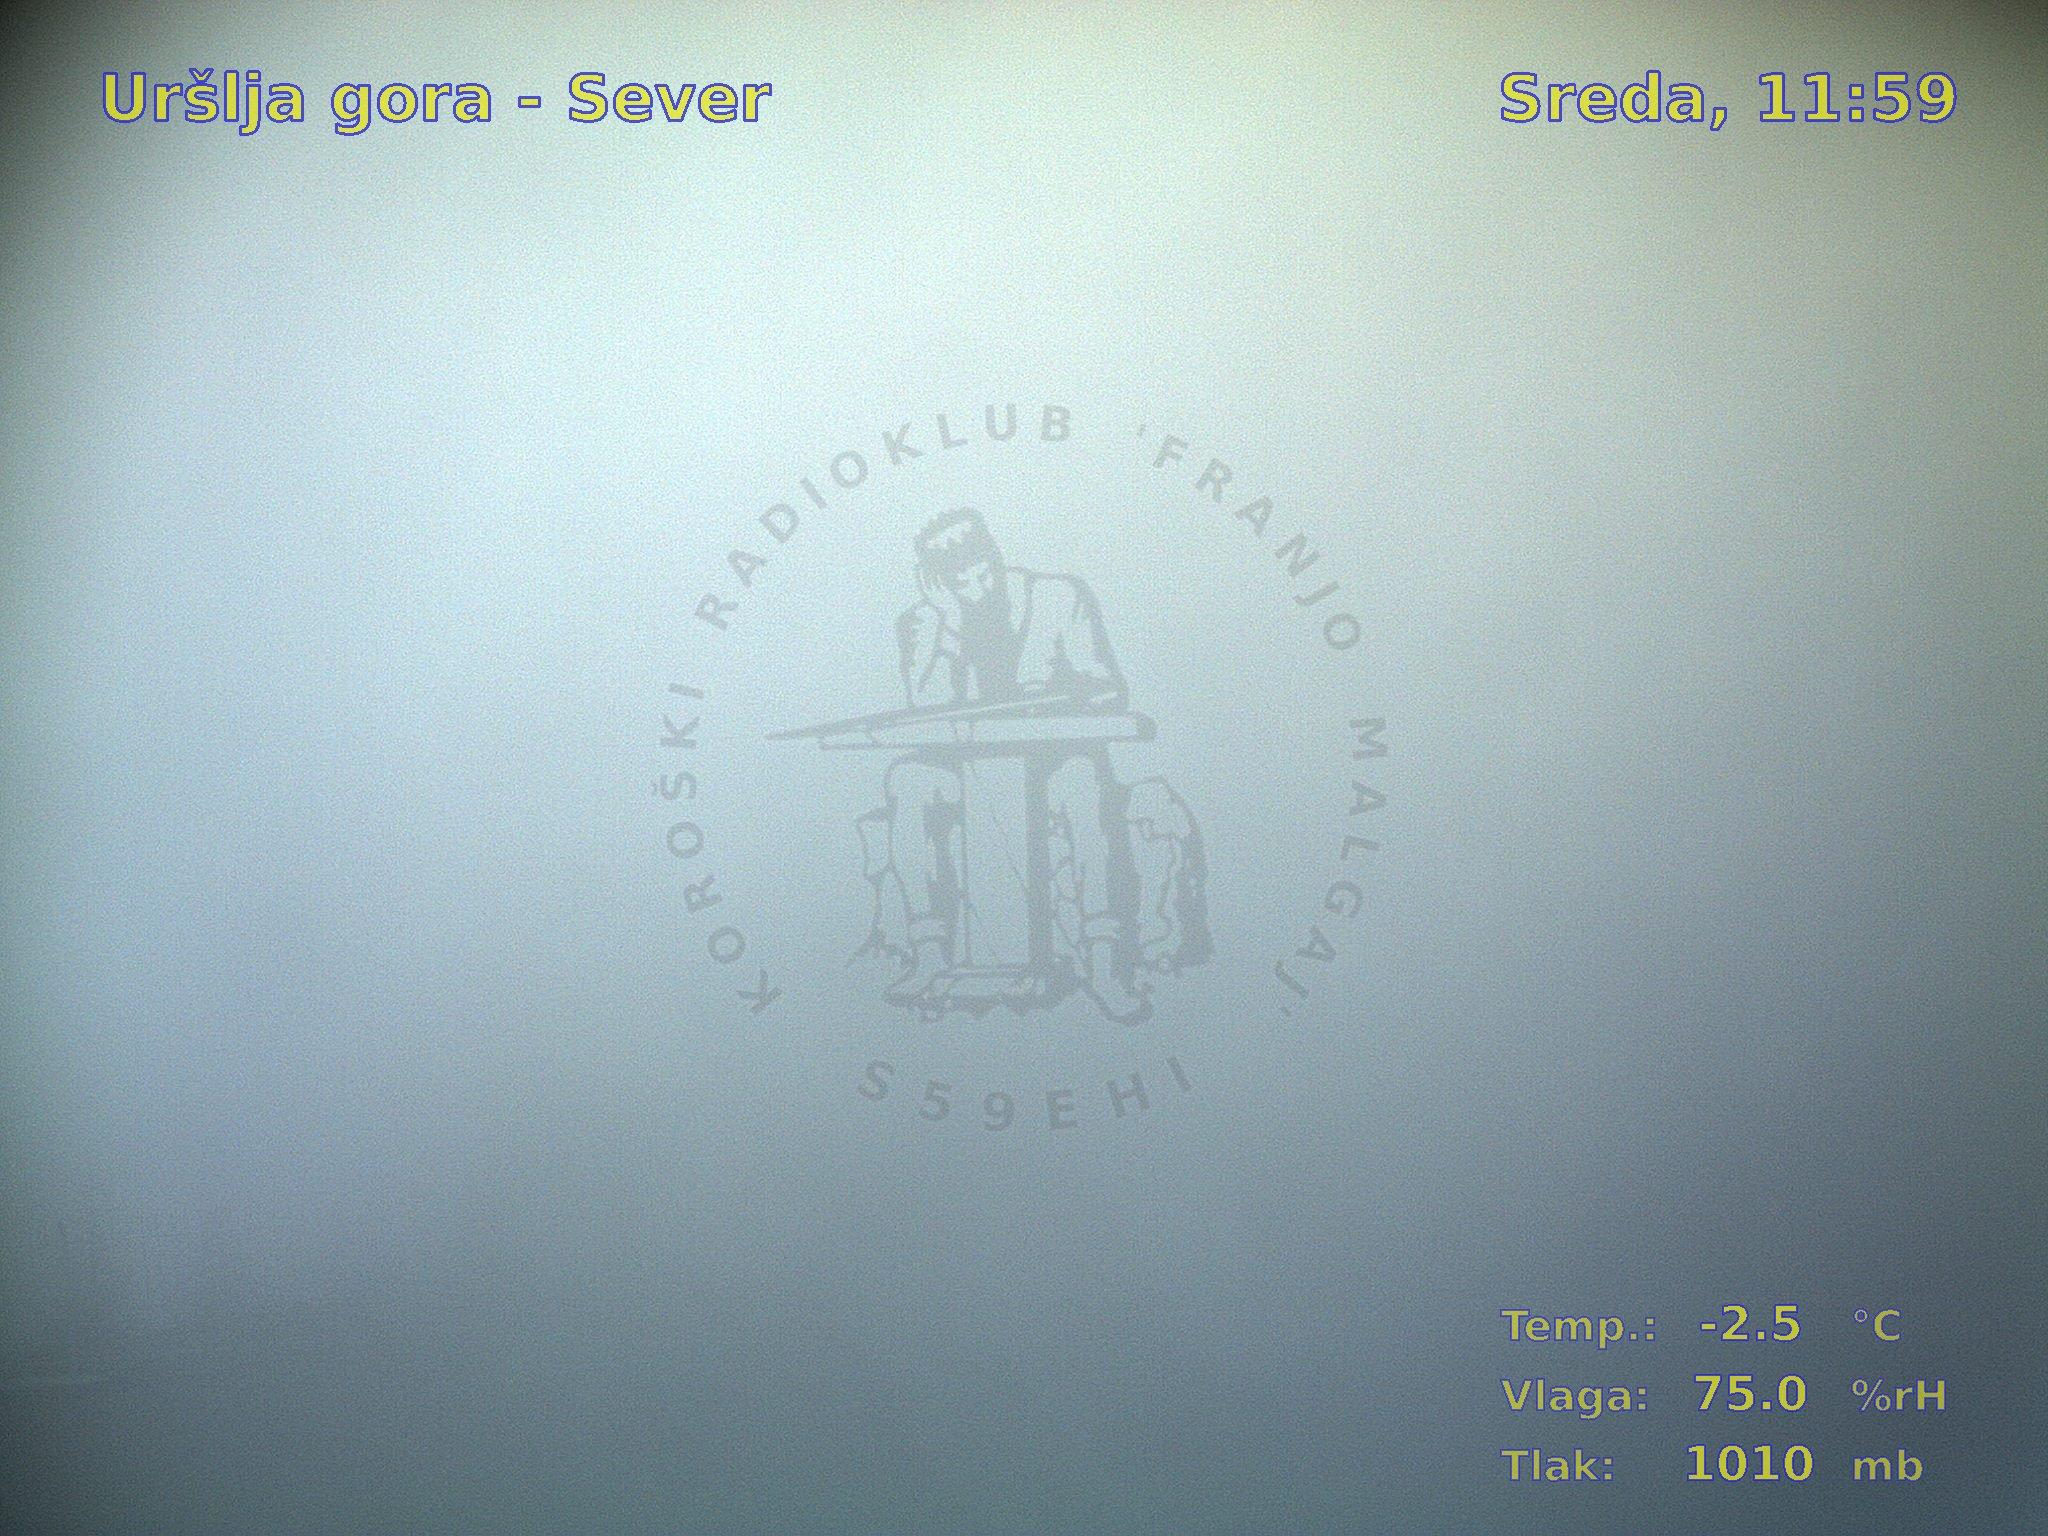 Uršlja gora-Sever, 11:00